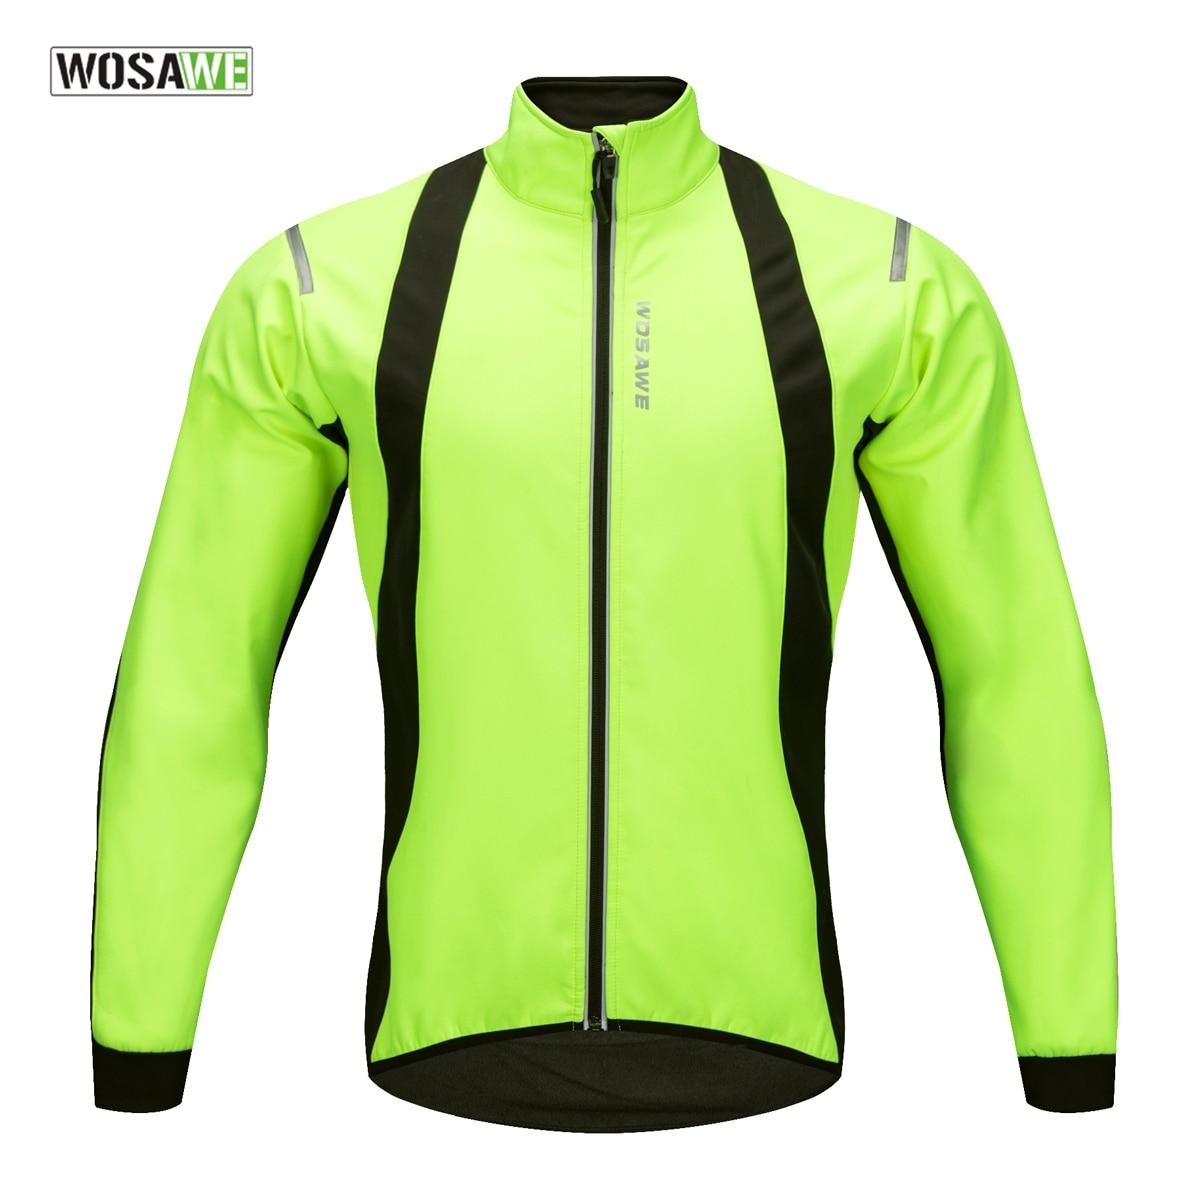 Chaqueta de ciclismo WOSAWE 2018 resistente al viento, ropa de invierno cálida para bicicleta, repelente al agua, abrigo deportivo frontal, Jersey térmico para bicicleta de montaña